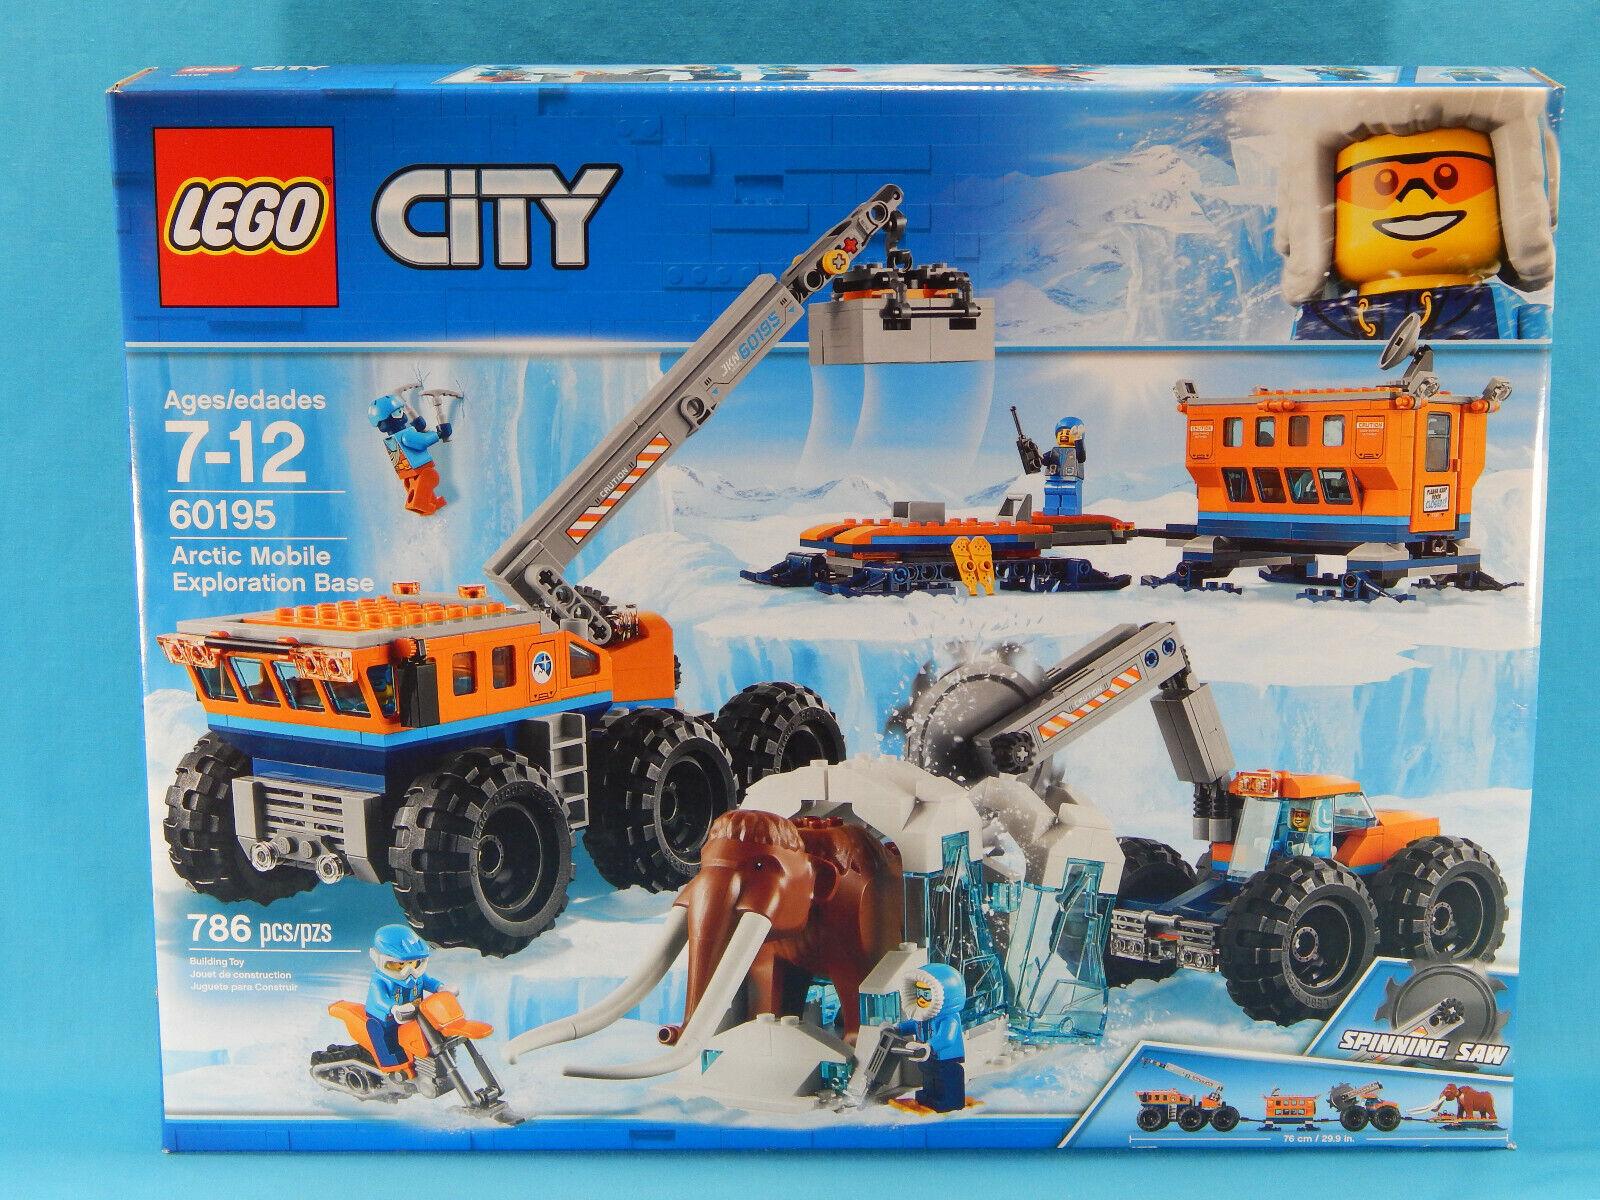 Lego City 60195 Arctic mobile d'exploration  de base 786pcs Neuf Scellé 2018  choix à bas prix